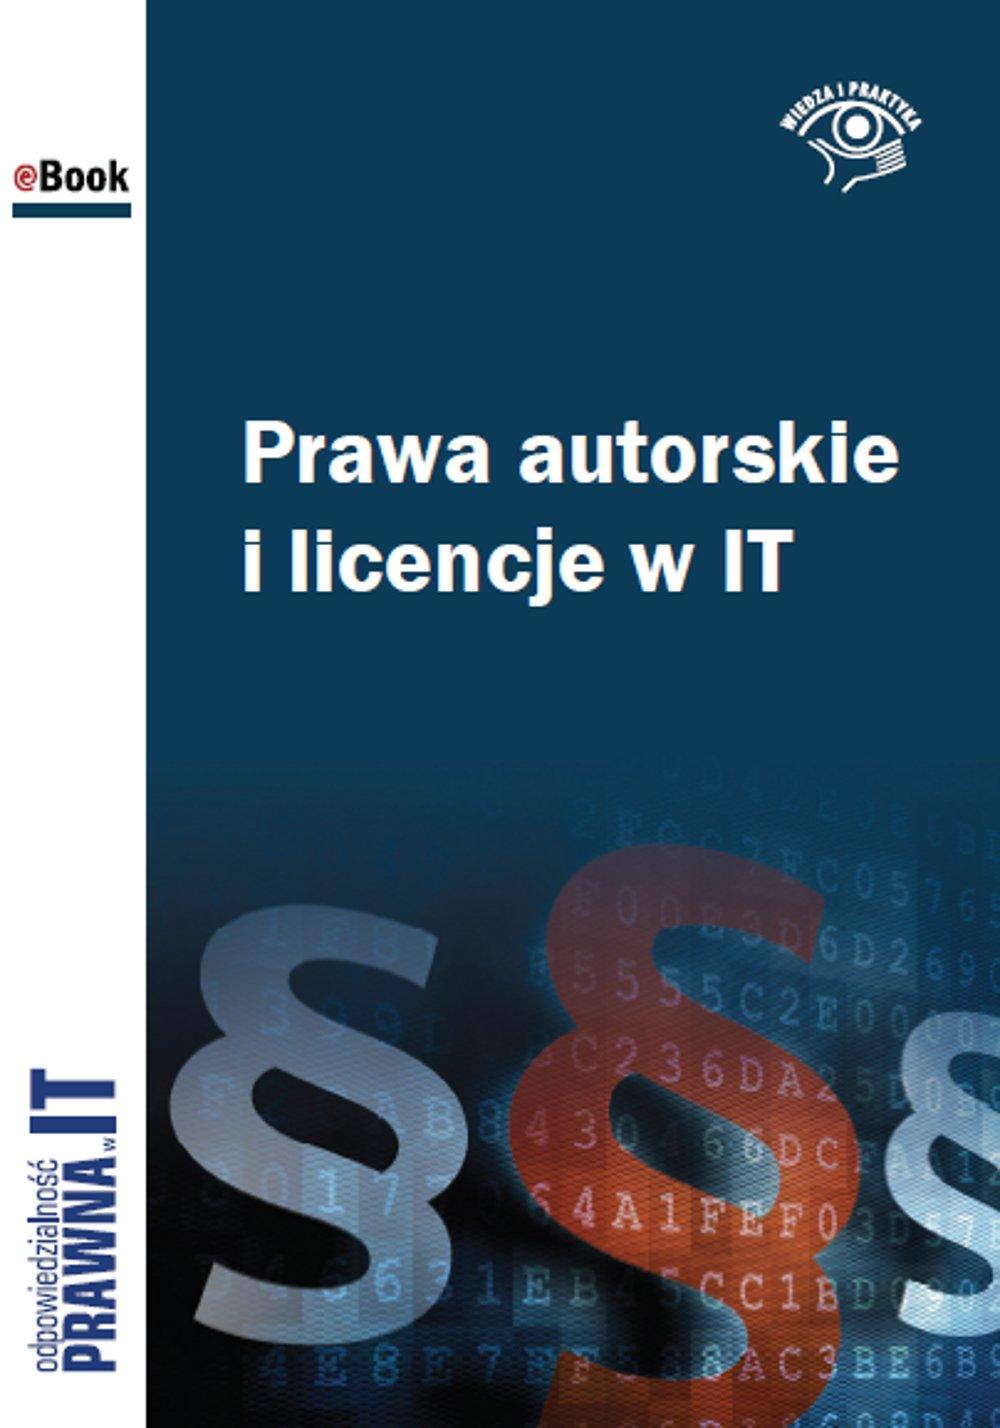 Prawa autorskie i licencje w IT - Ebook (Książka PDF) do pobrania w formacie PDF